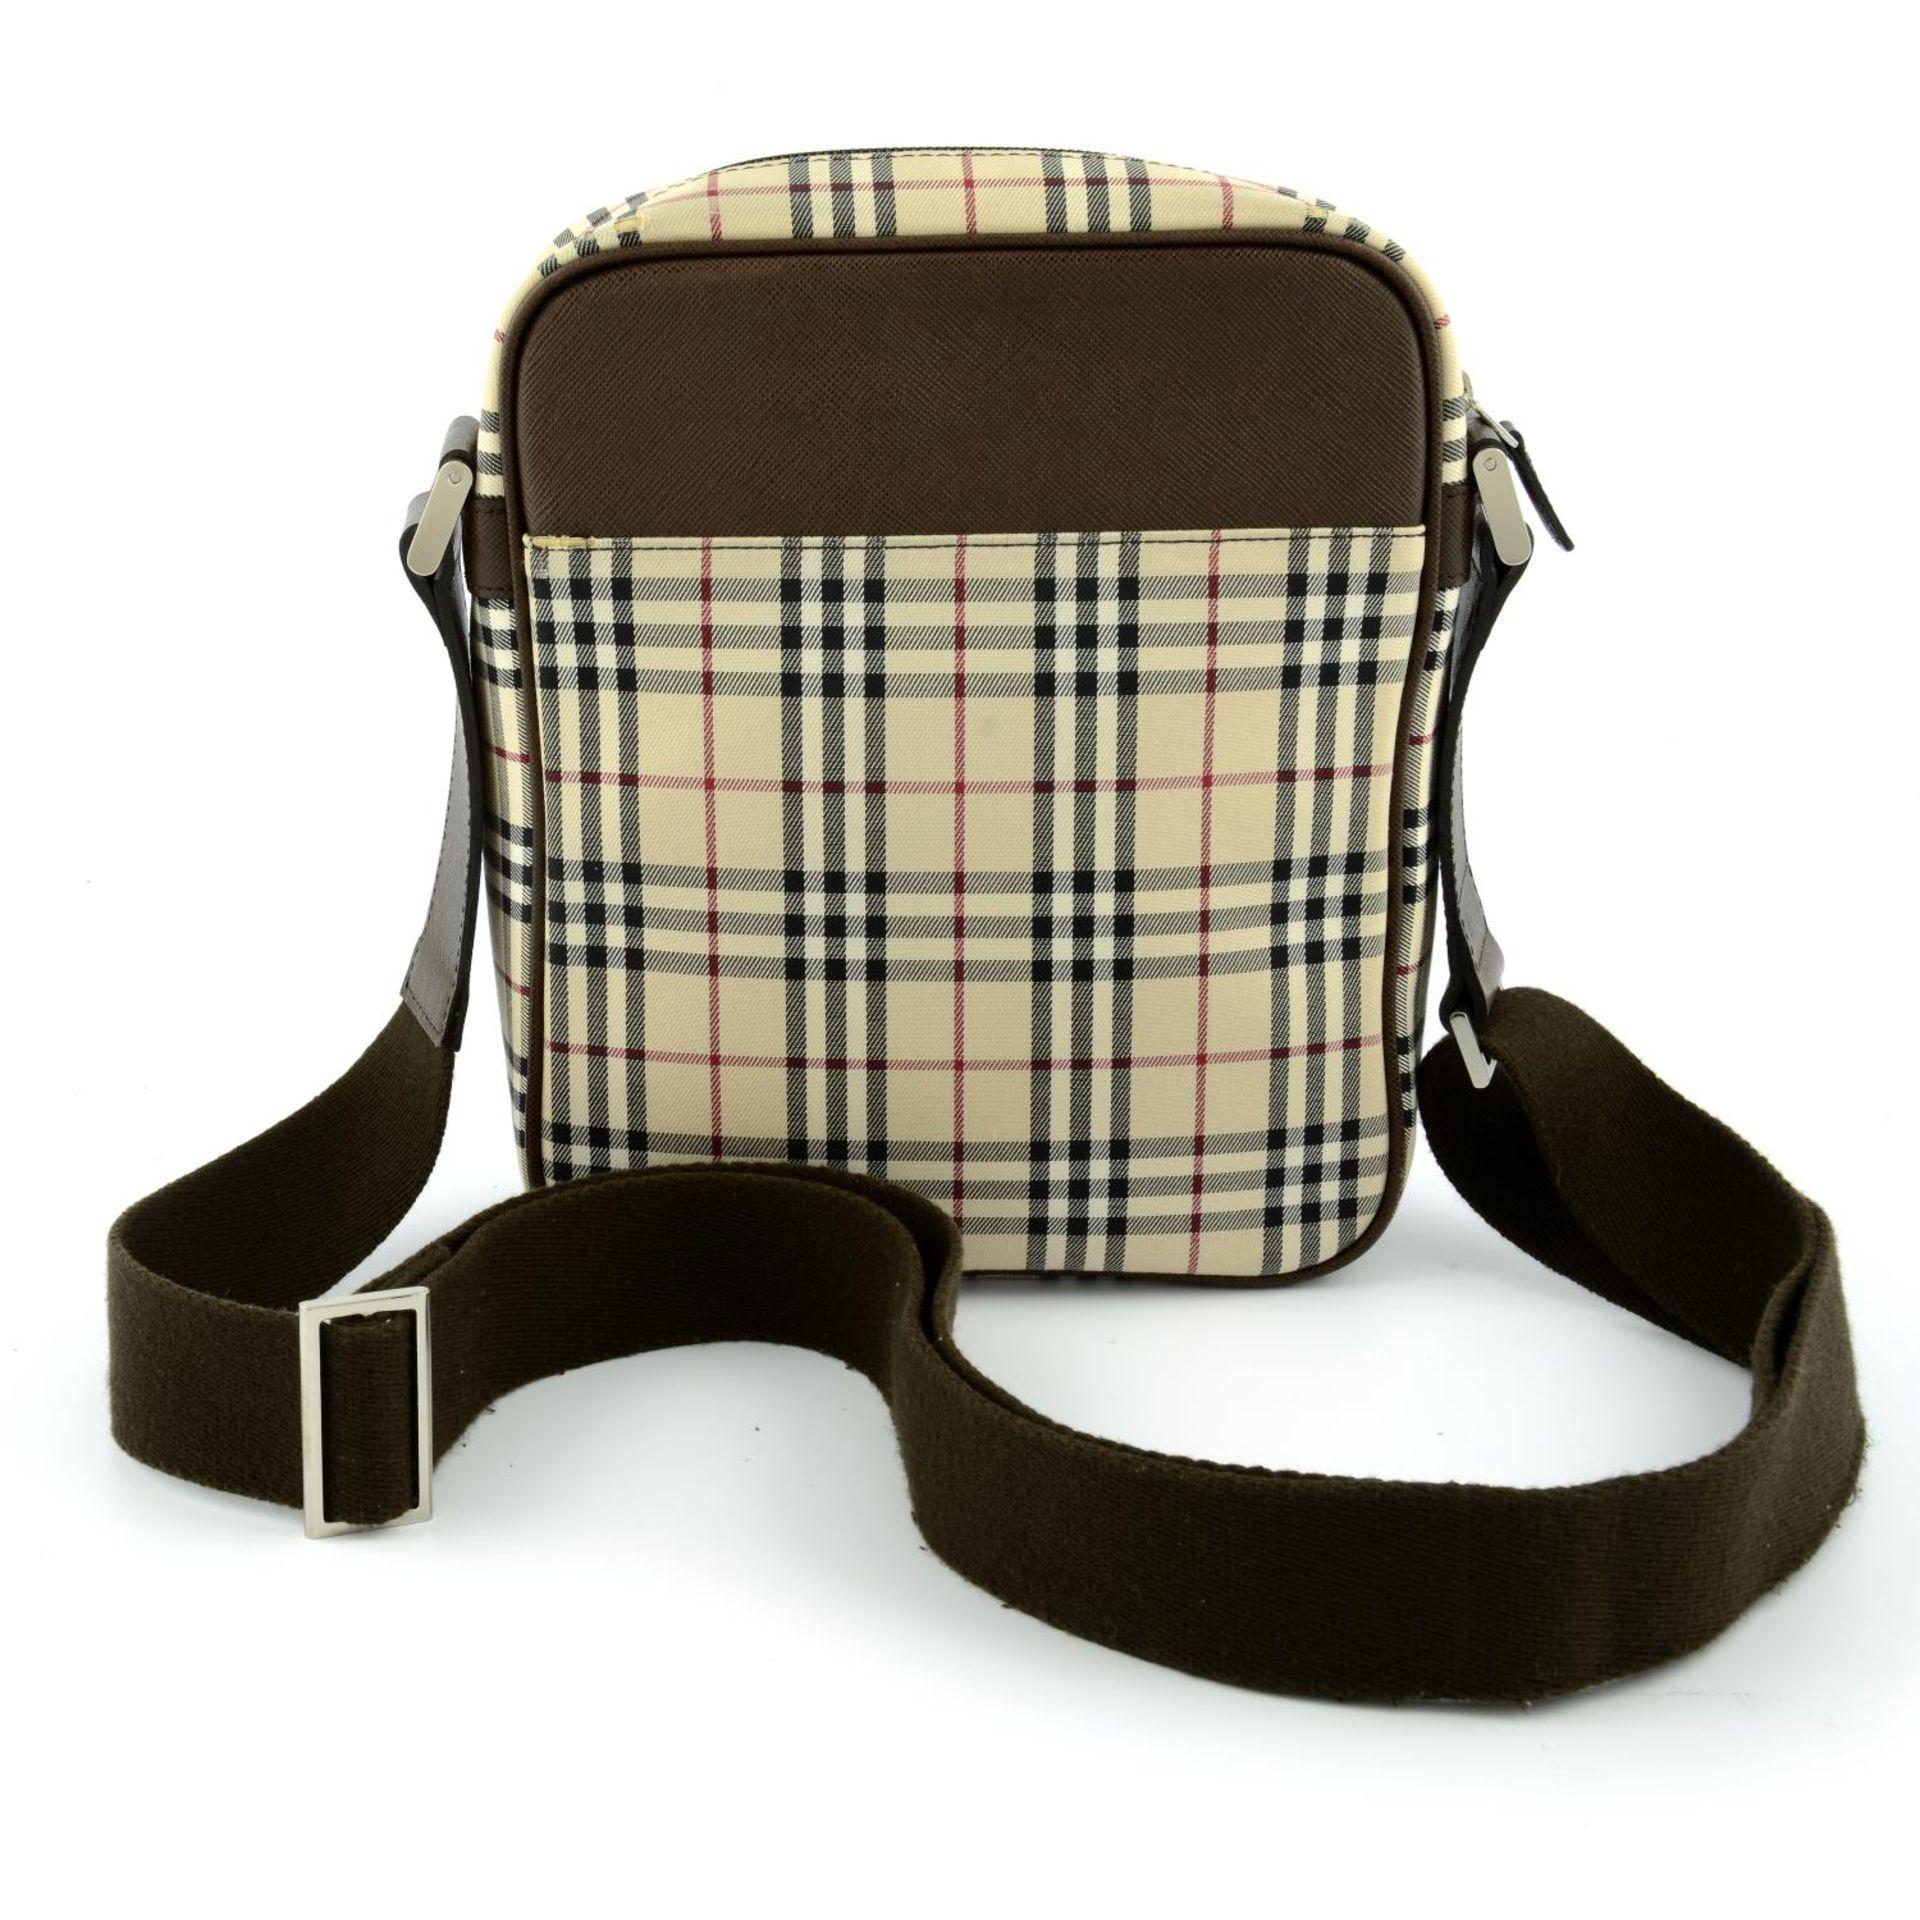 BURBERRY - a Nova Check crossbody messenger bag. - Image 2 of 5